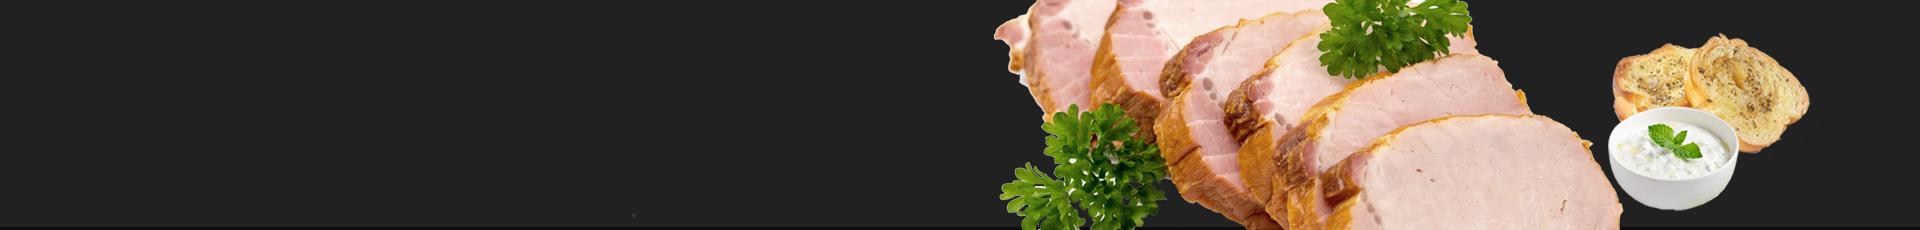 Saftiger griechischer Schweinerücken